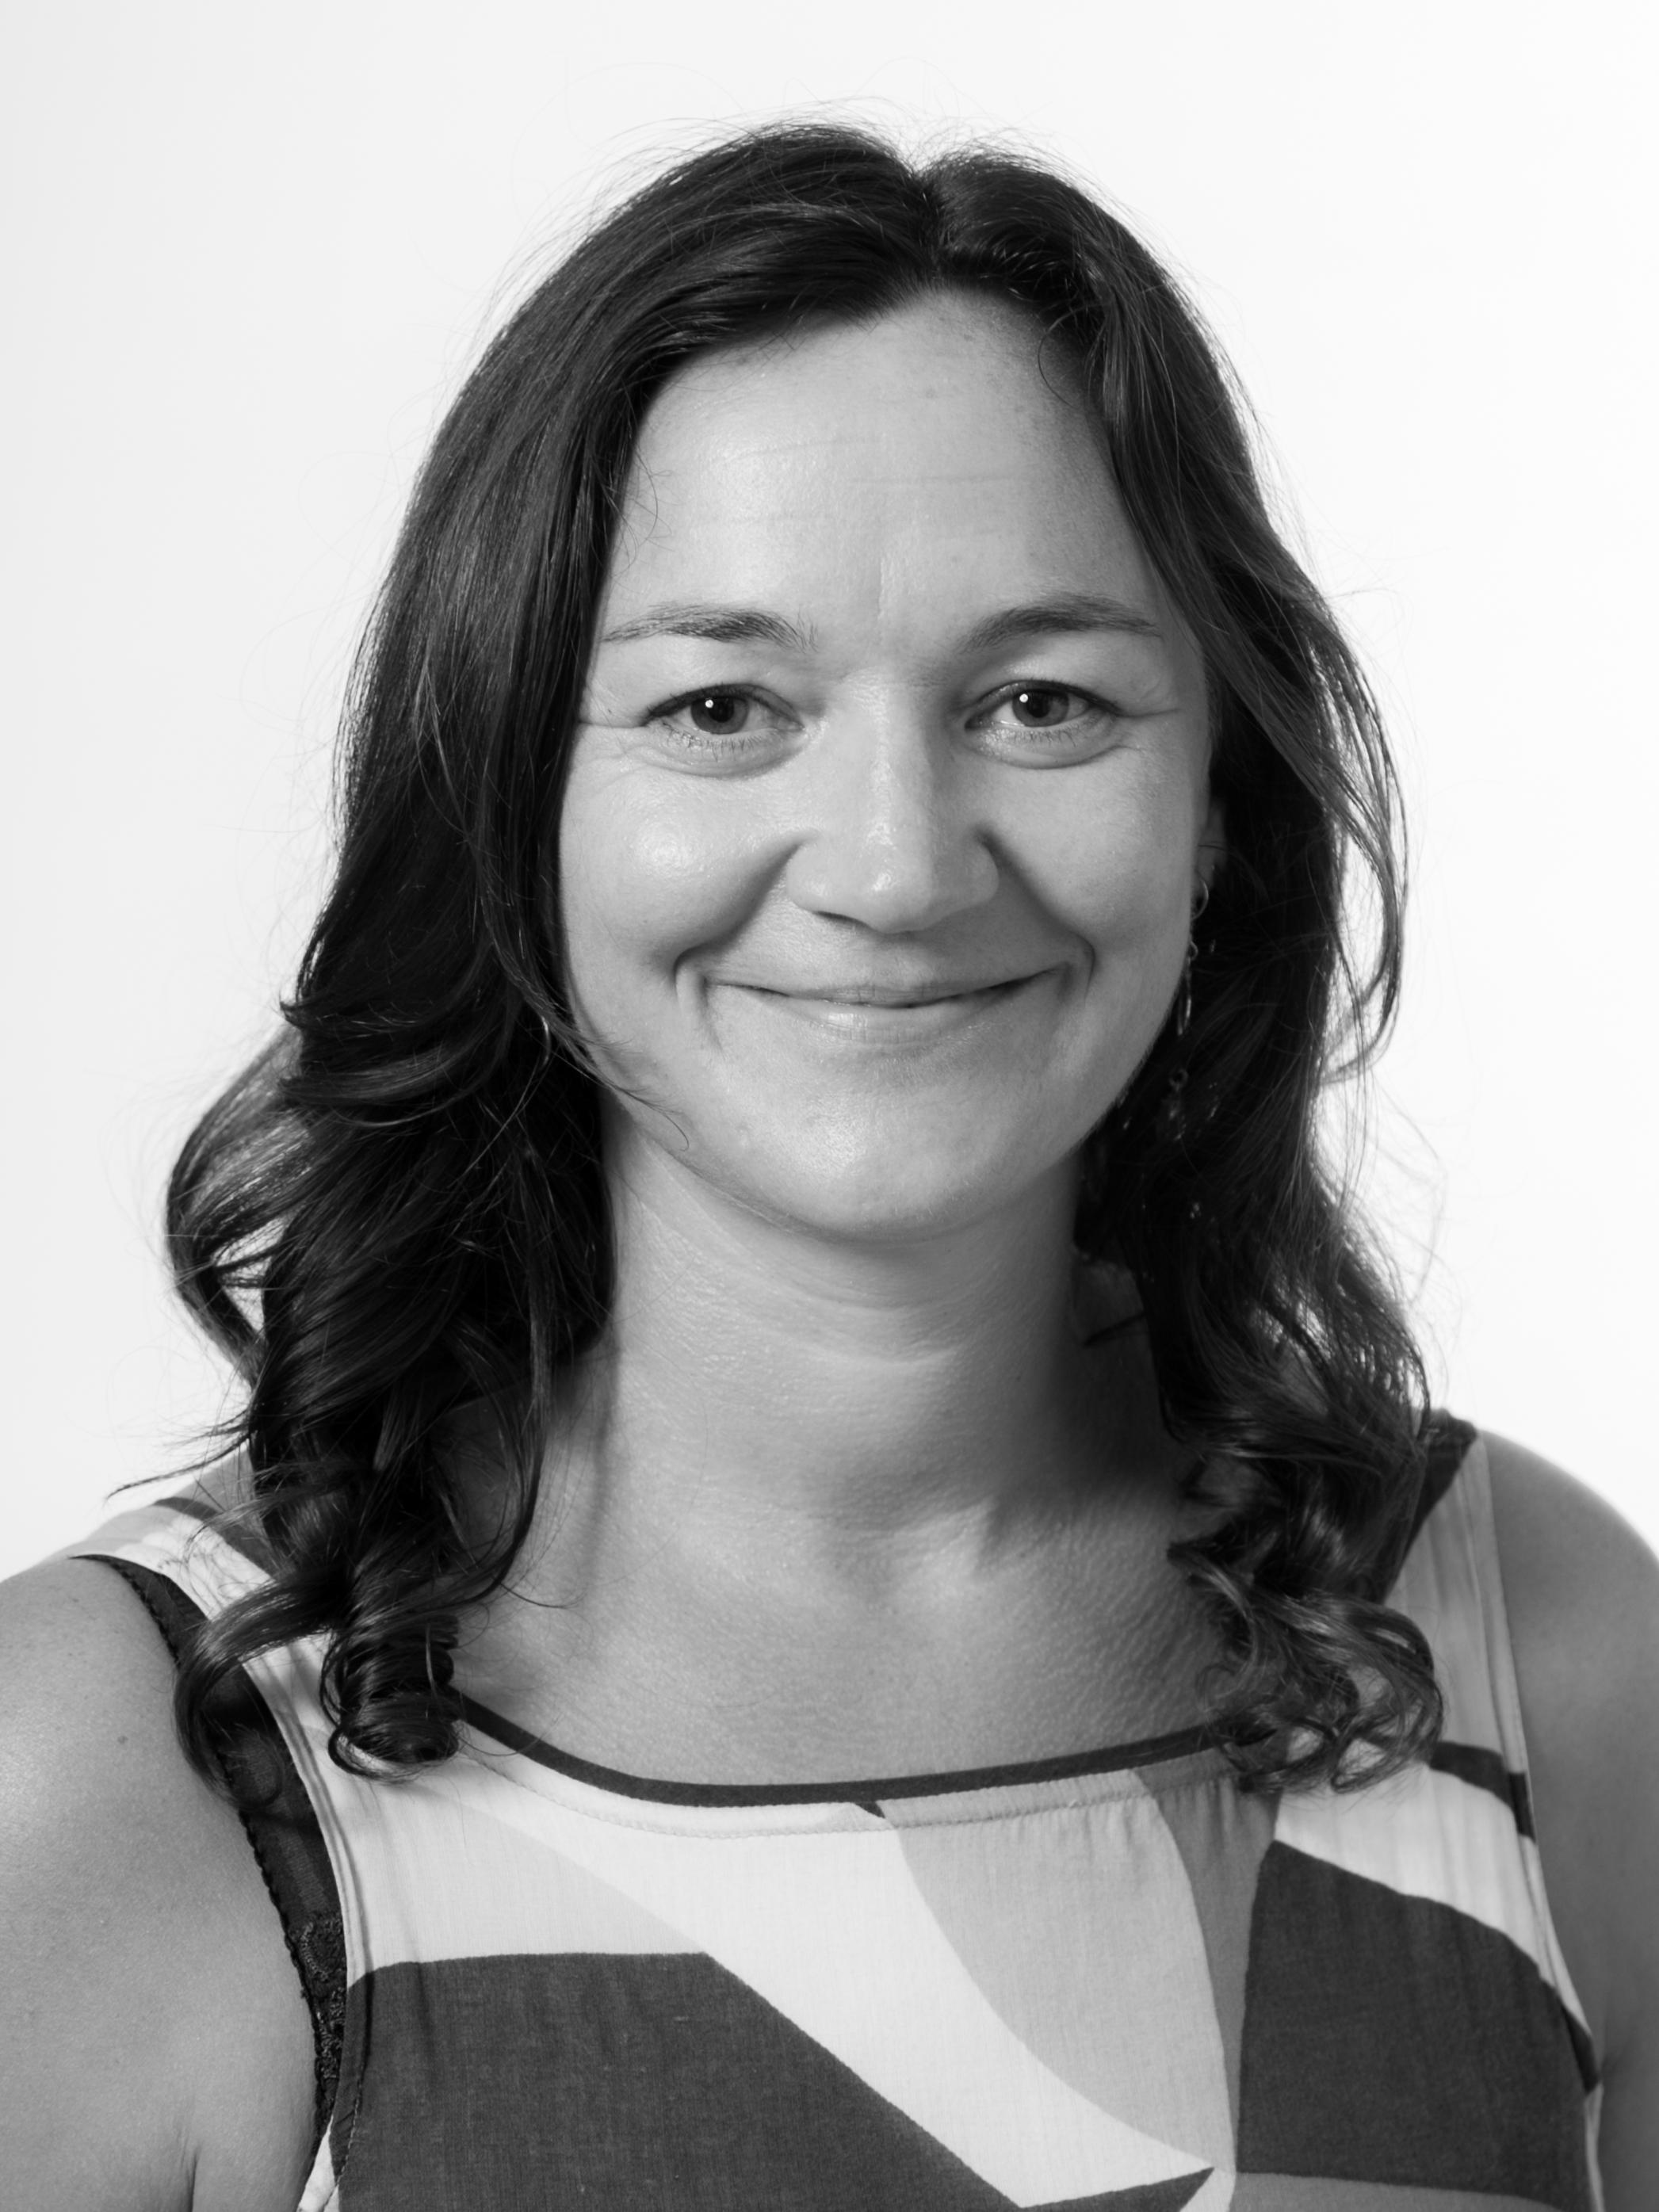 A photo of Professor Rosie Meek